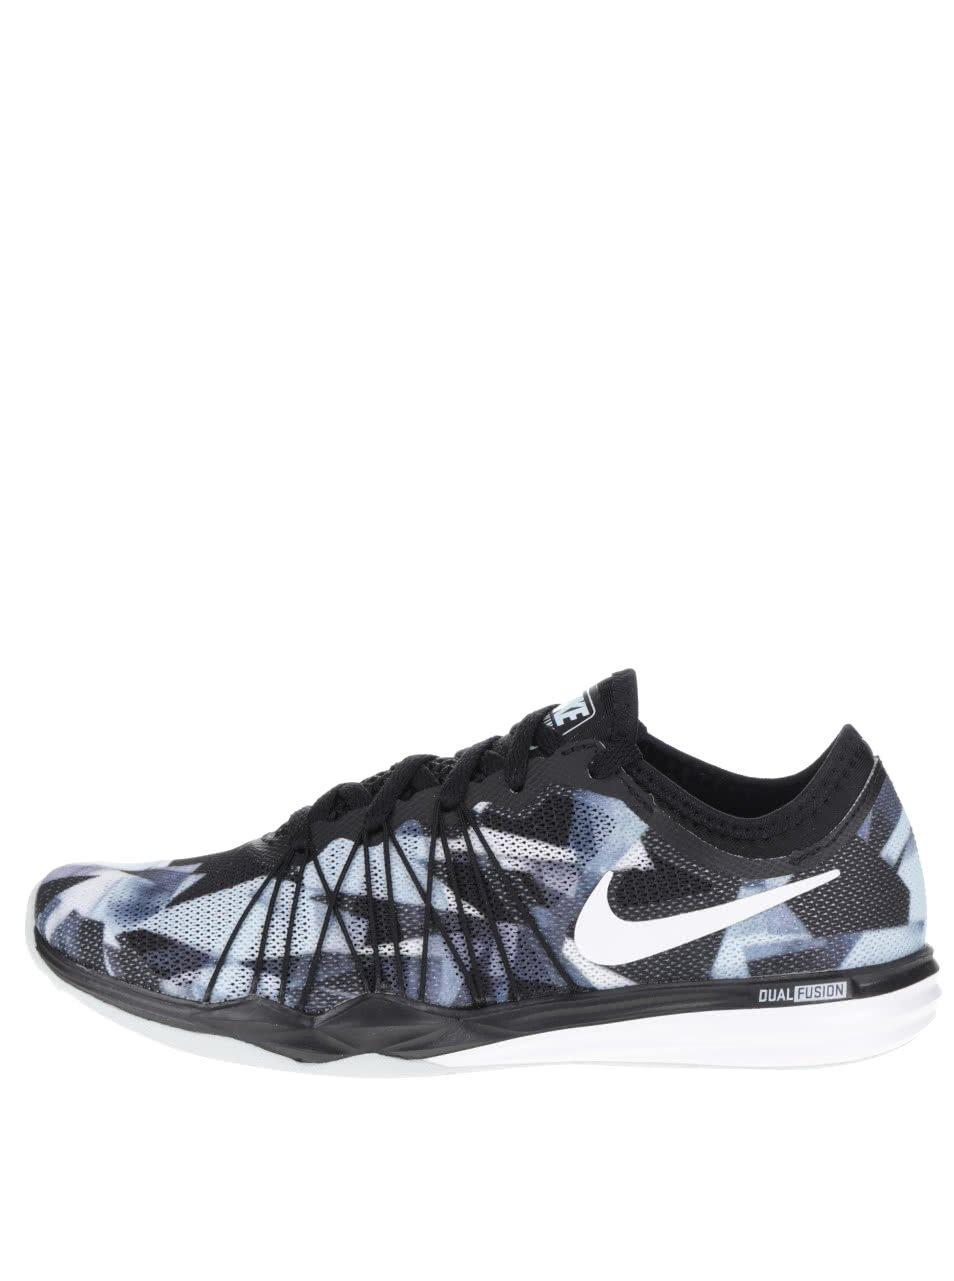 Modro-černé dámské vzorované tenisky Nike Dual Fusion